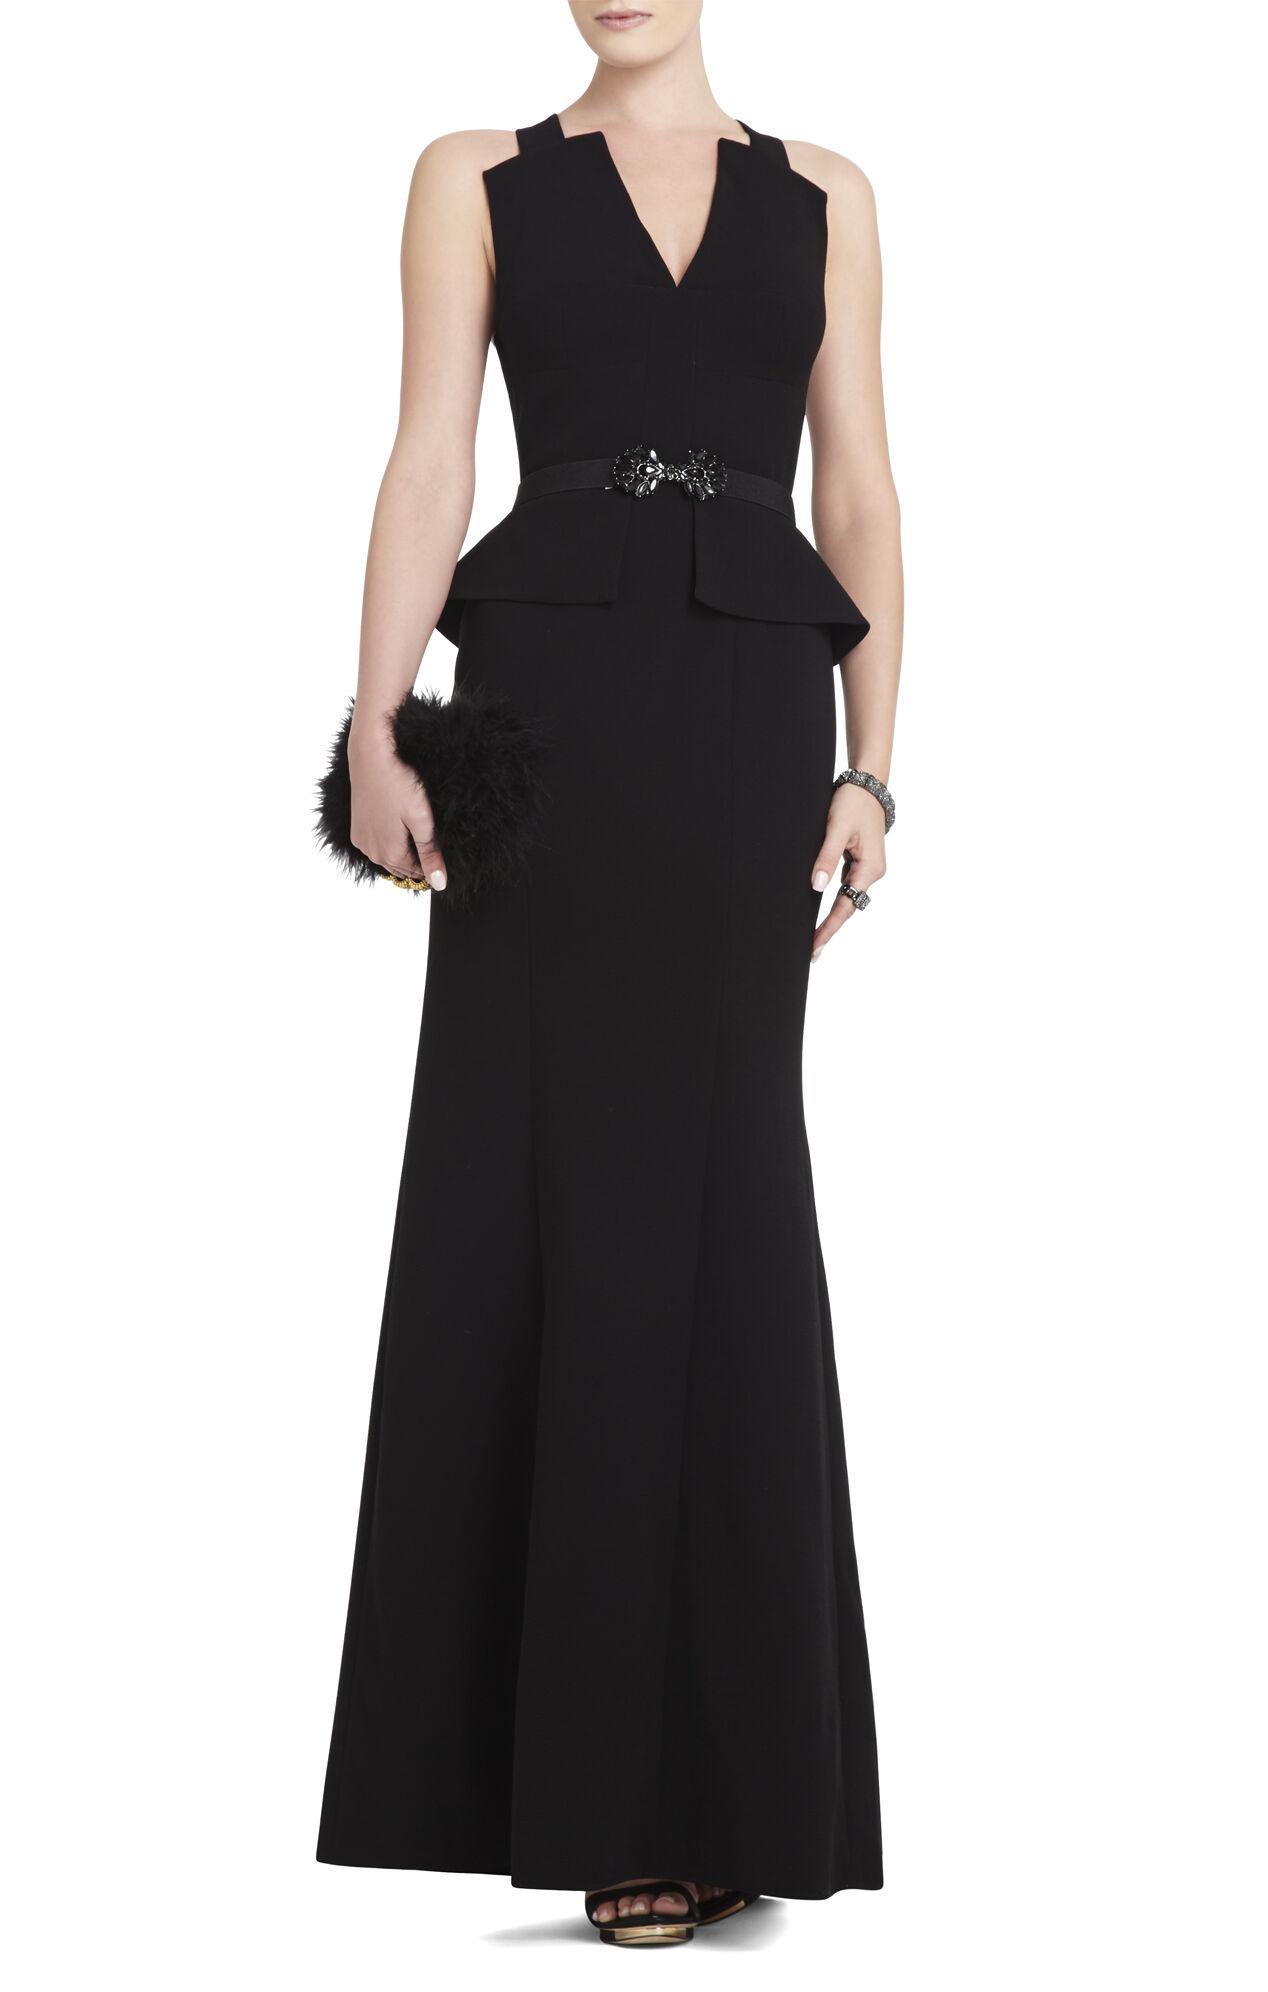 Rooney V-Neck Peplum Gown